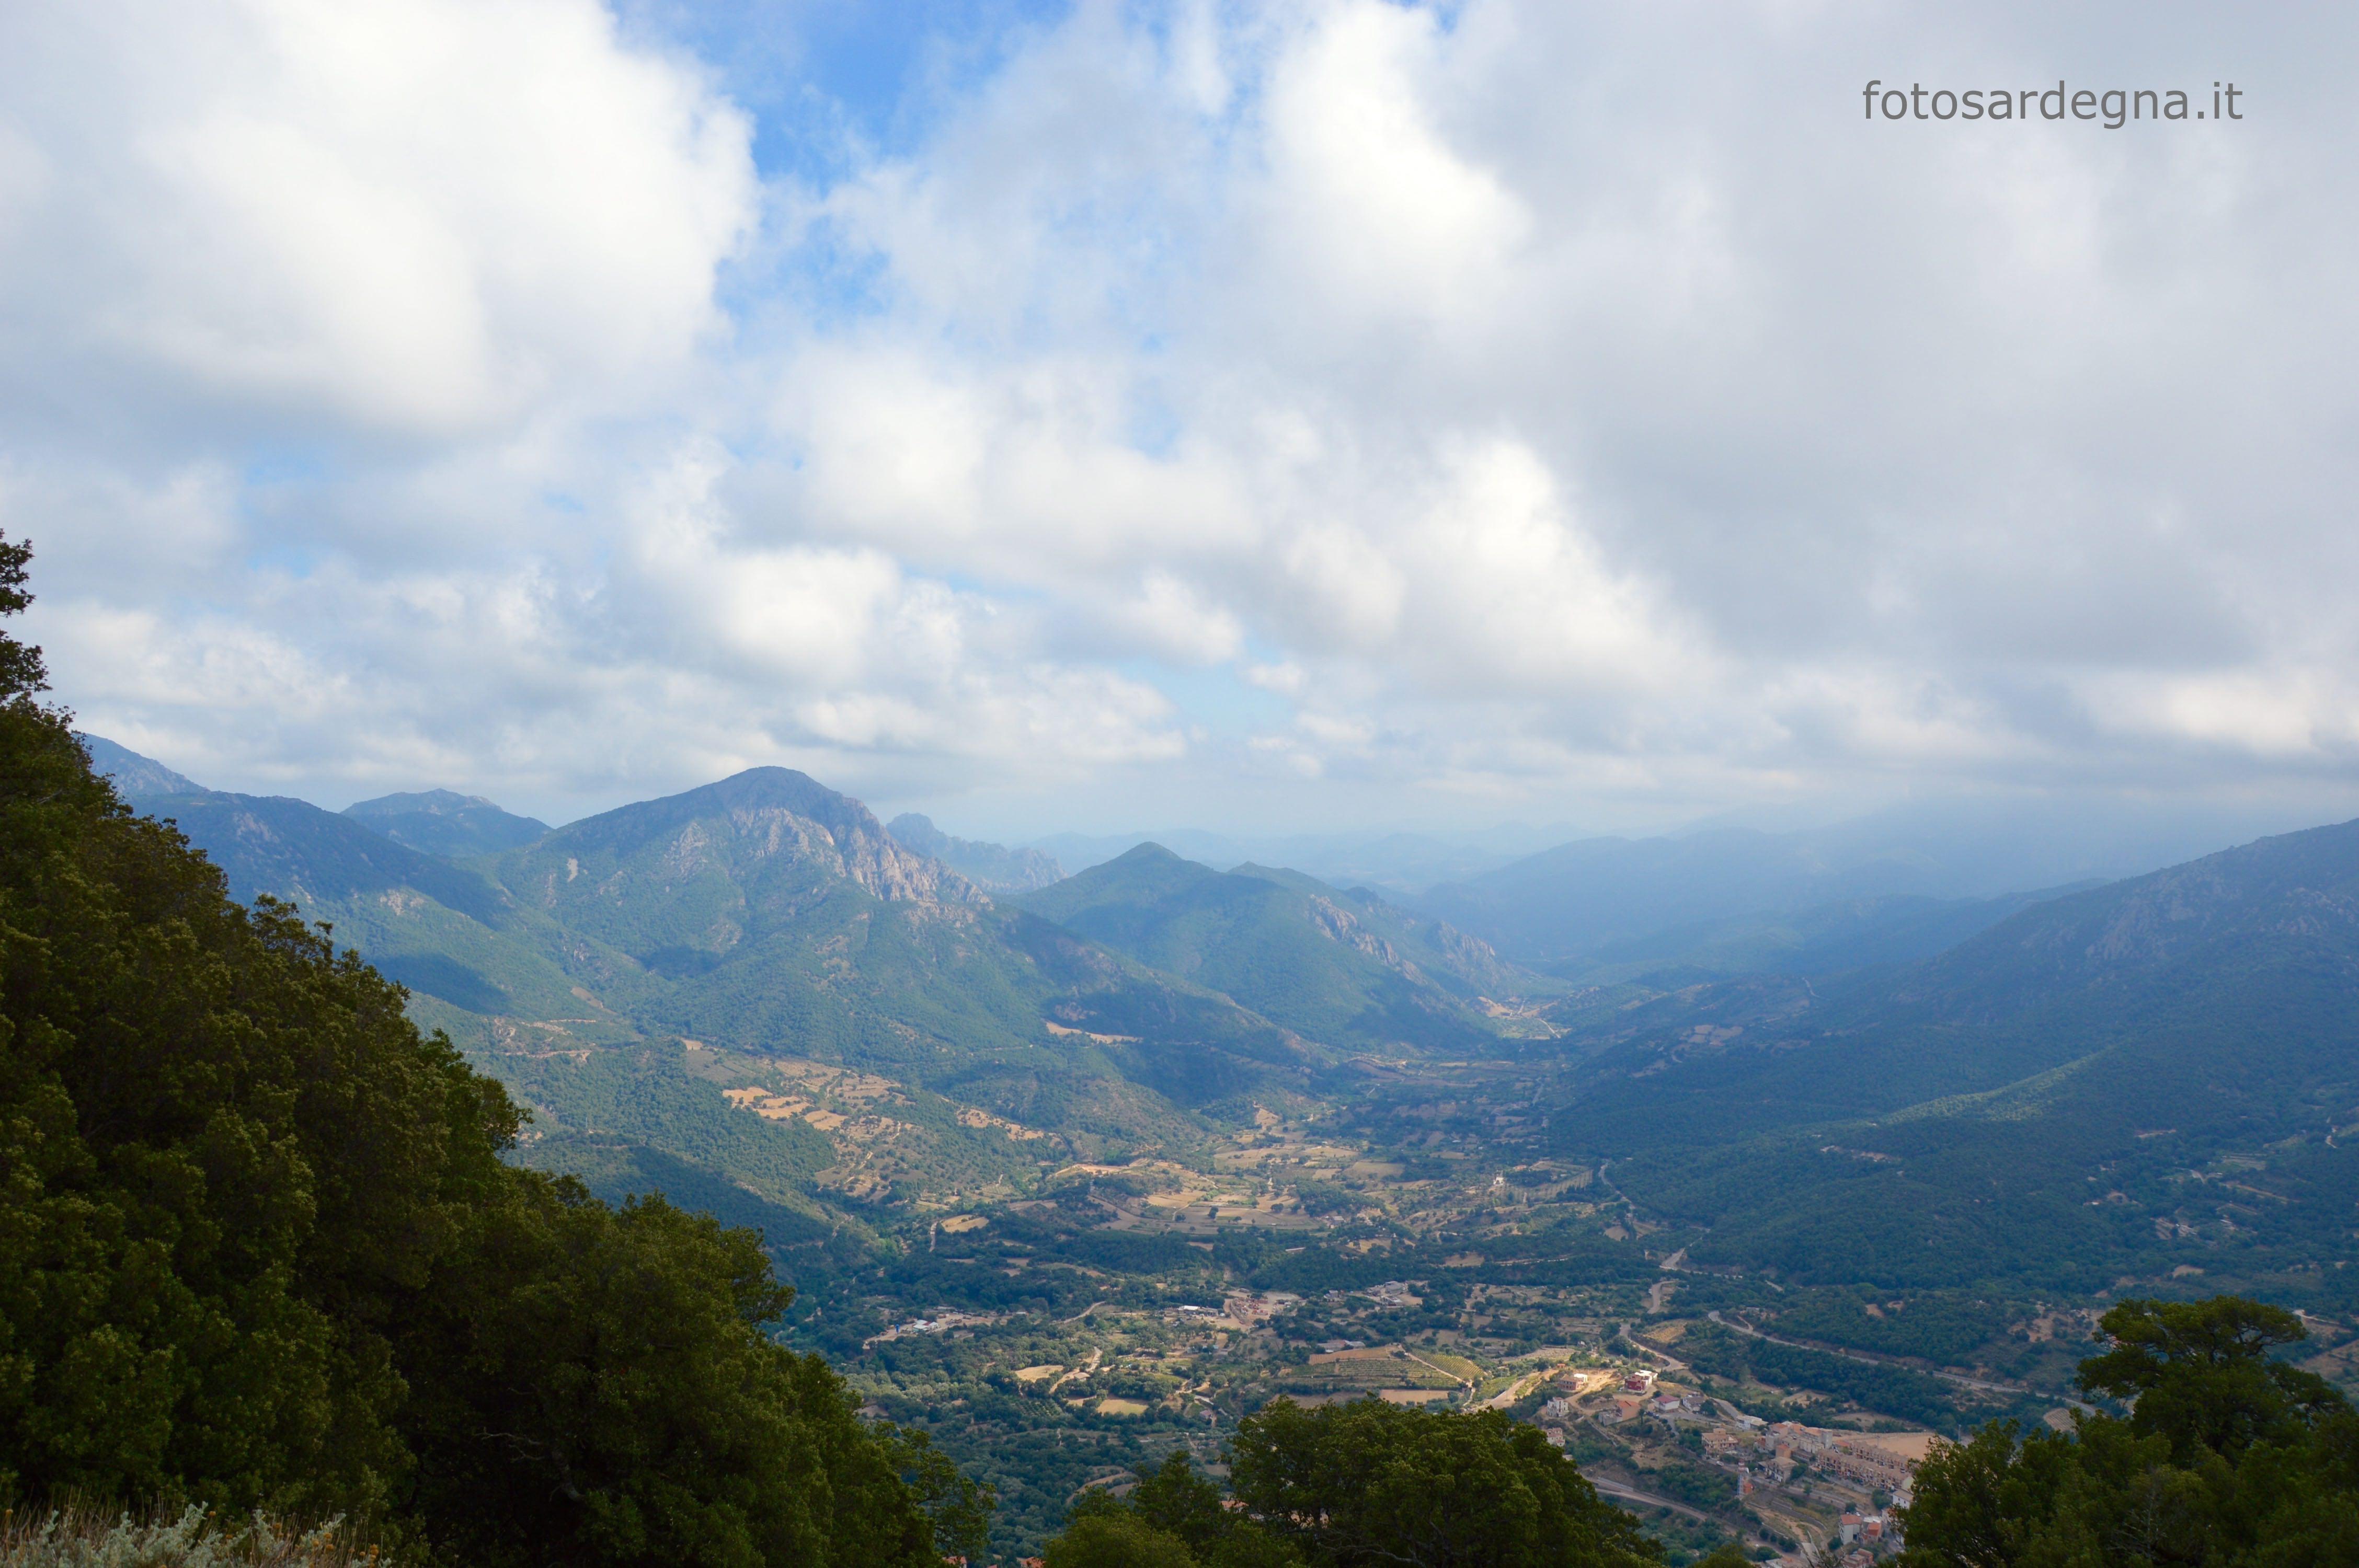 Vista della valle di Urzulei, che si intravede in basso a destra, e Talana; sulla sx è ben visibile Monte Orosei.